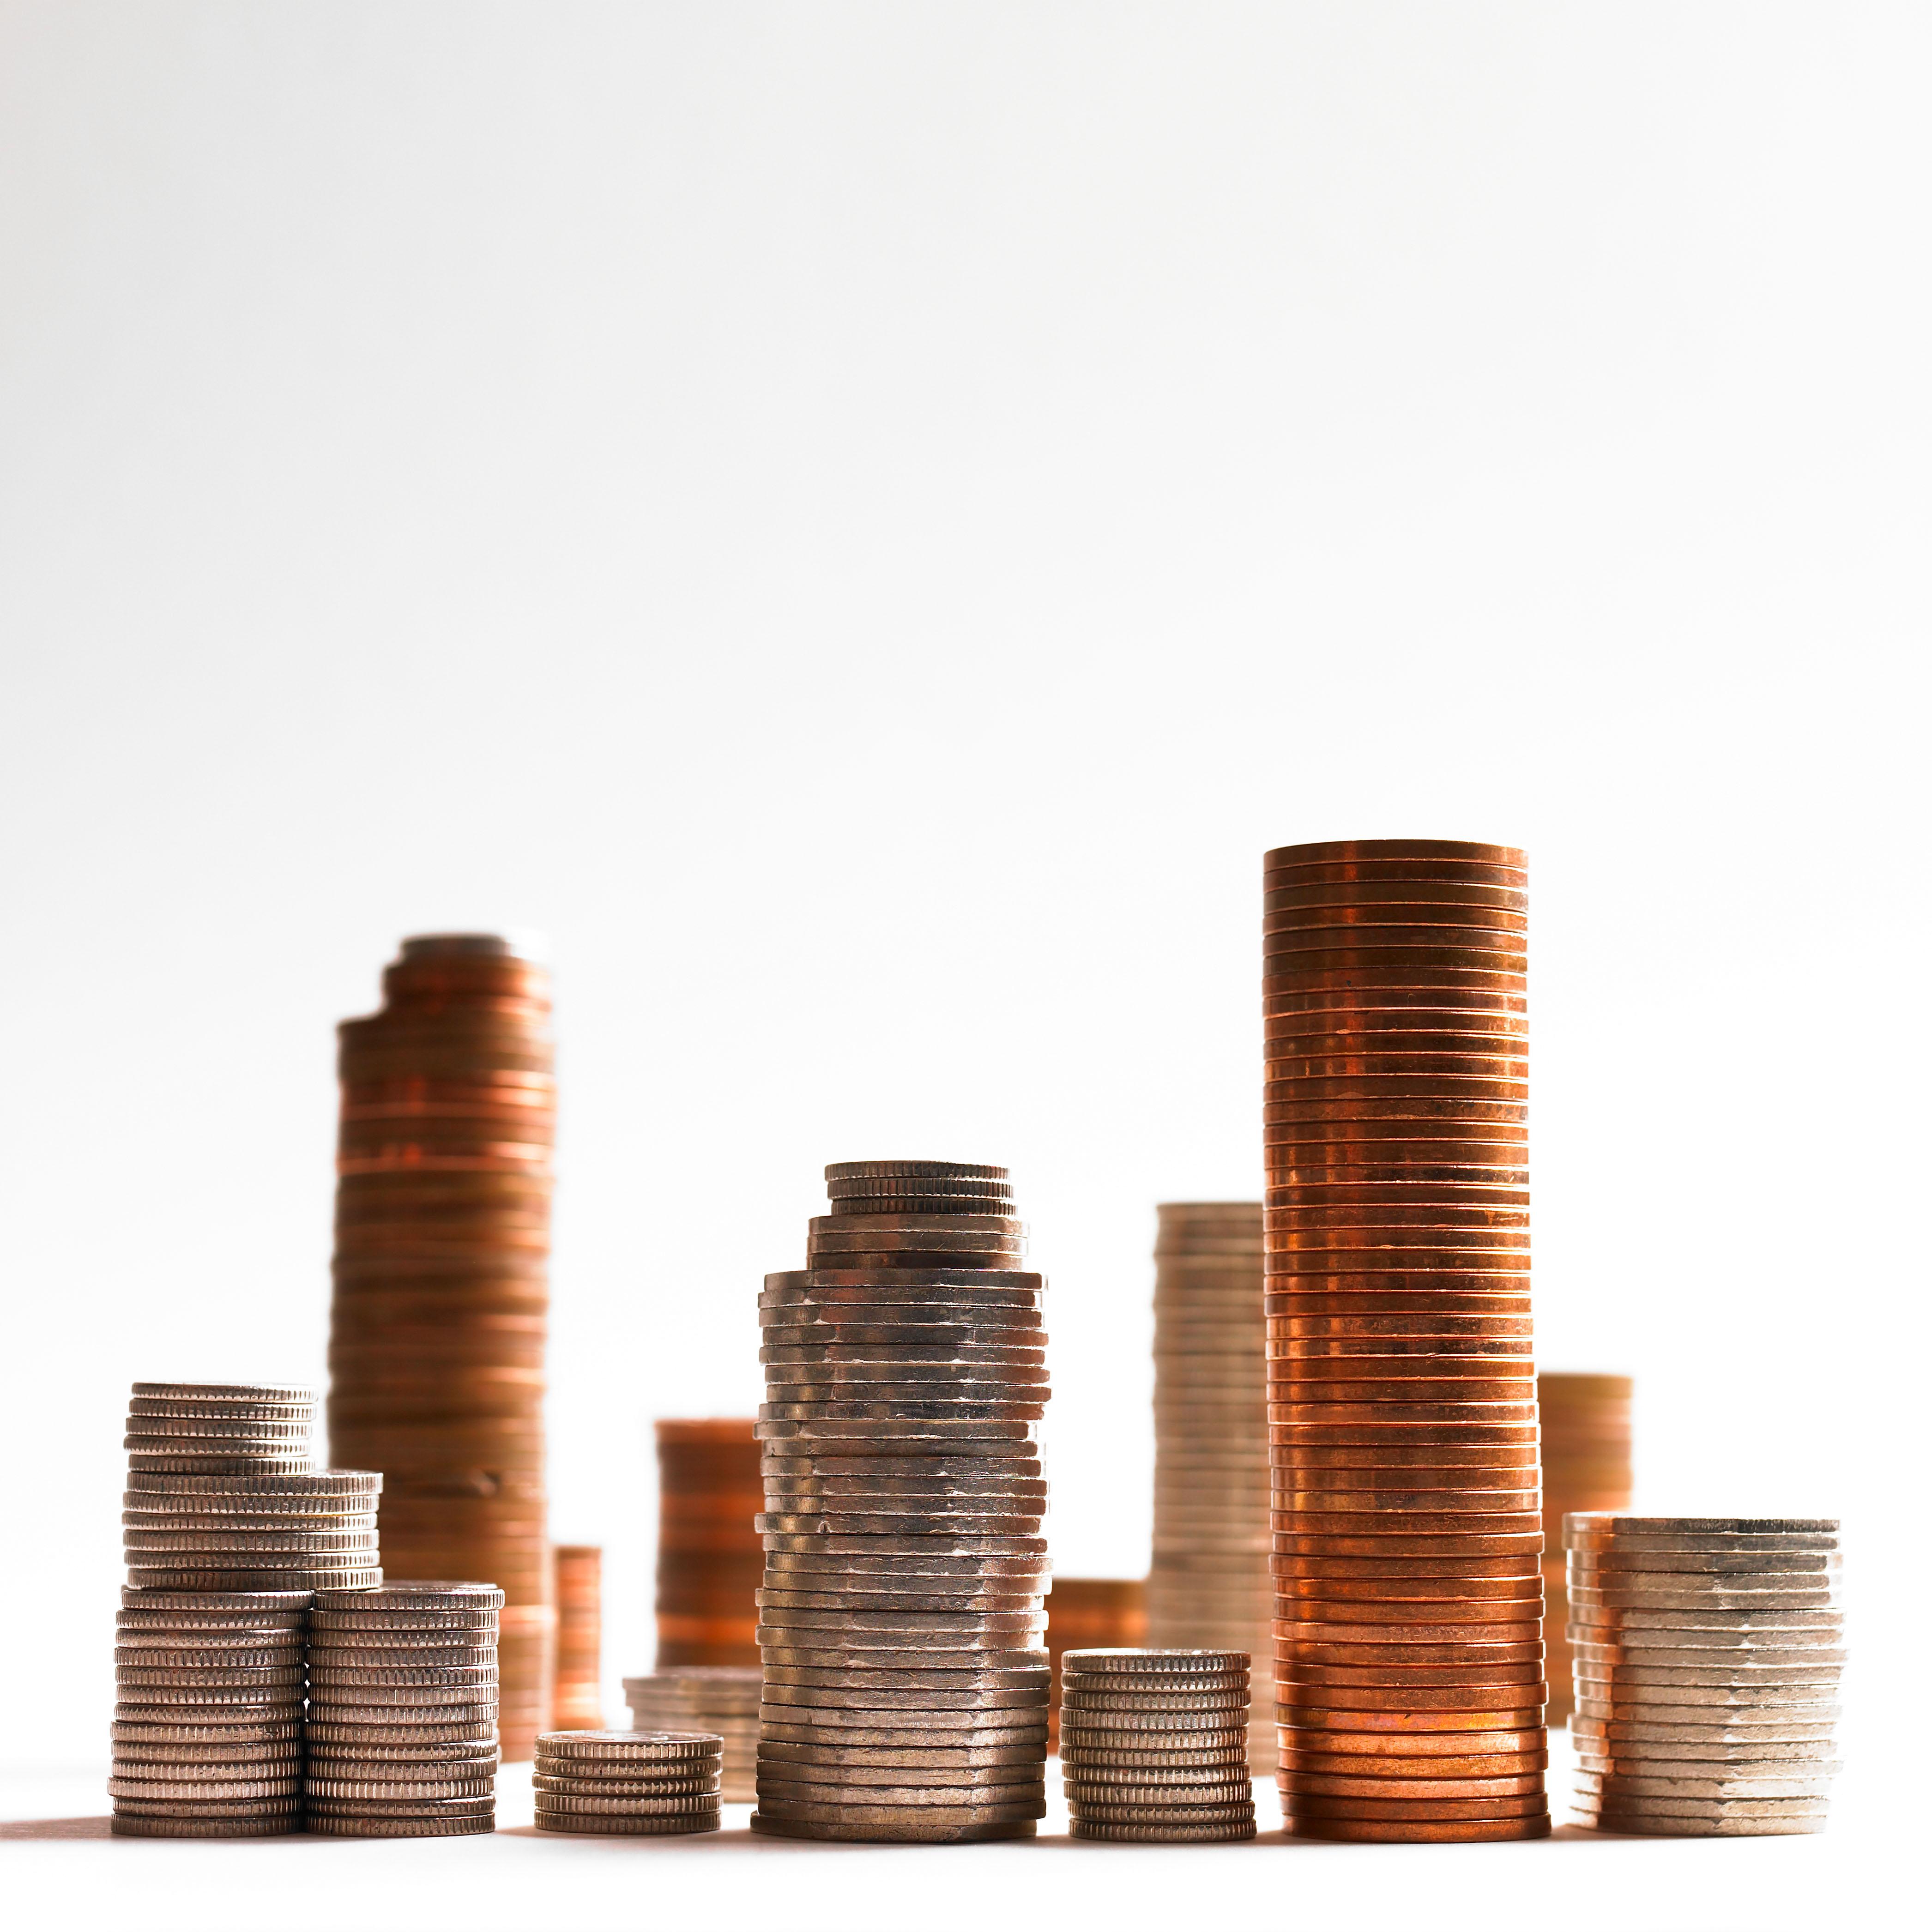 Η επανεπένδυση του μερίσματος - Πώς αυξάνει θεαματικά τις αποδόσεις σας